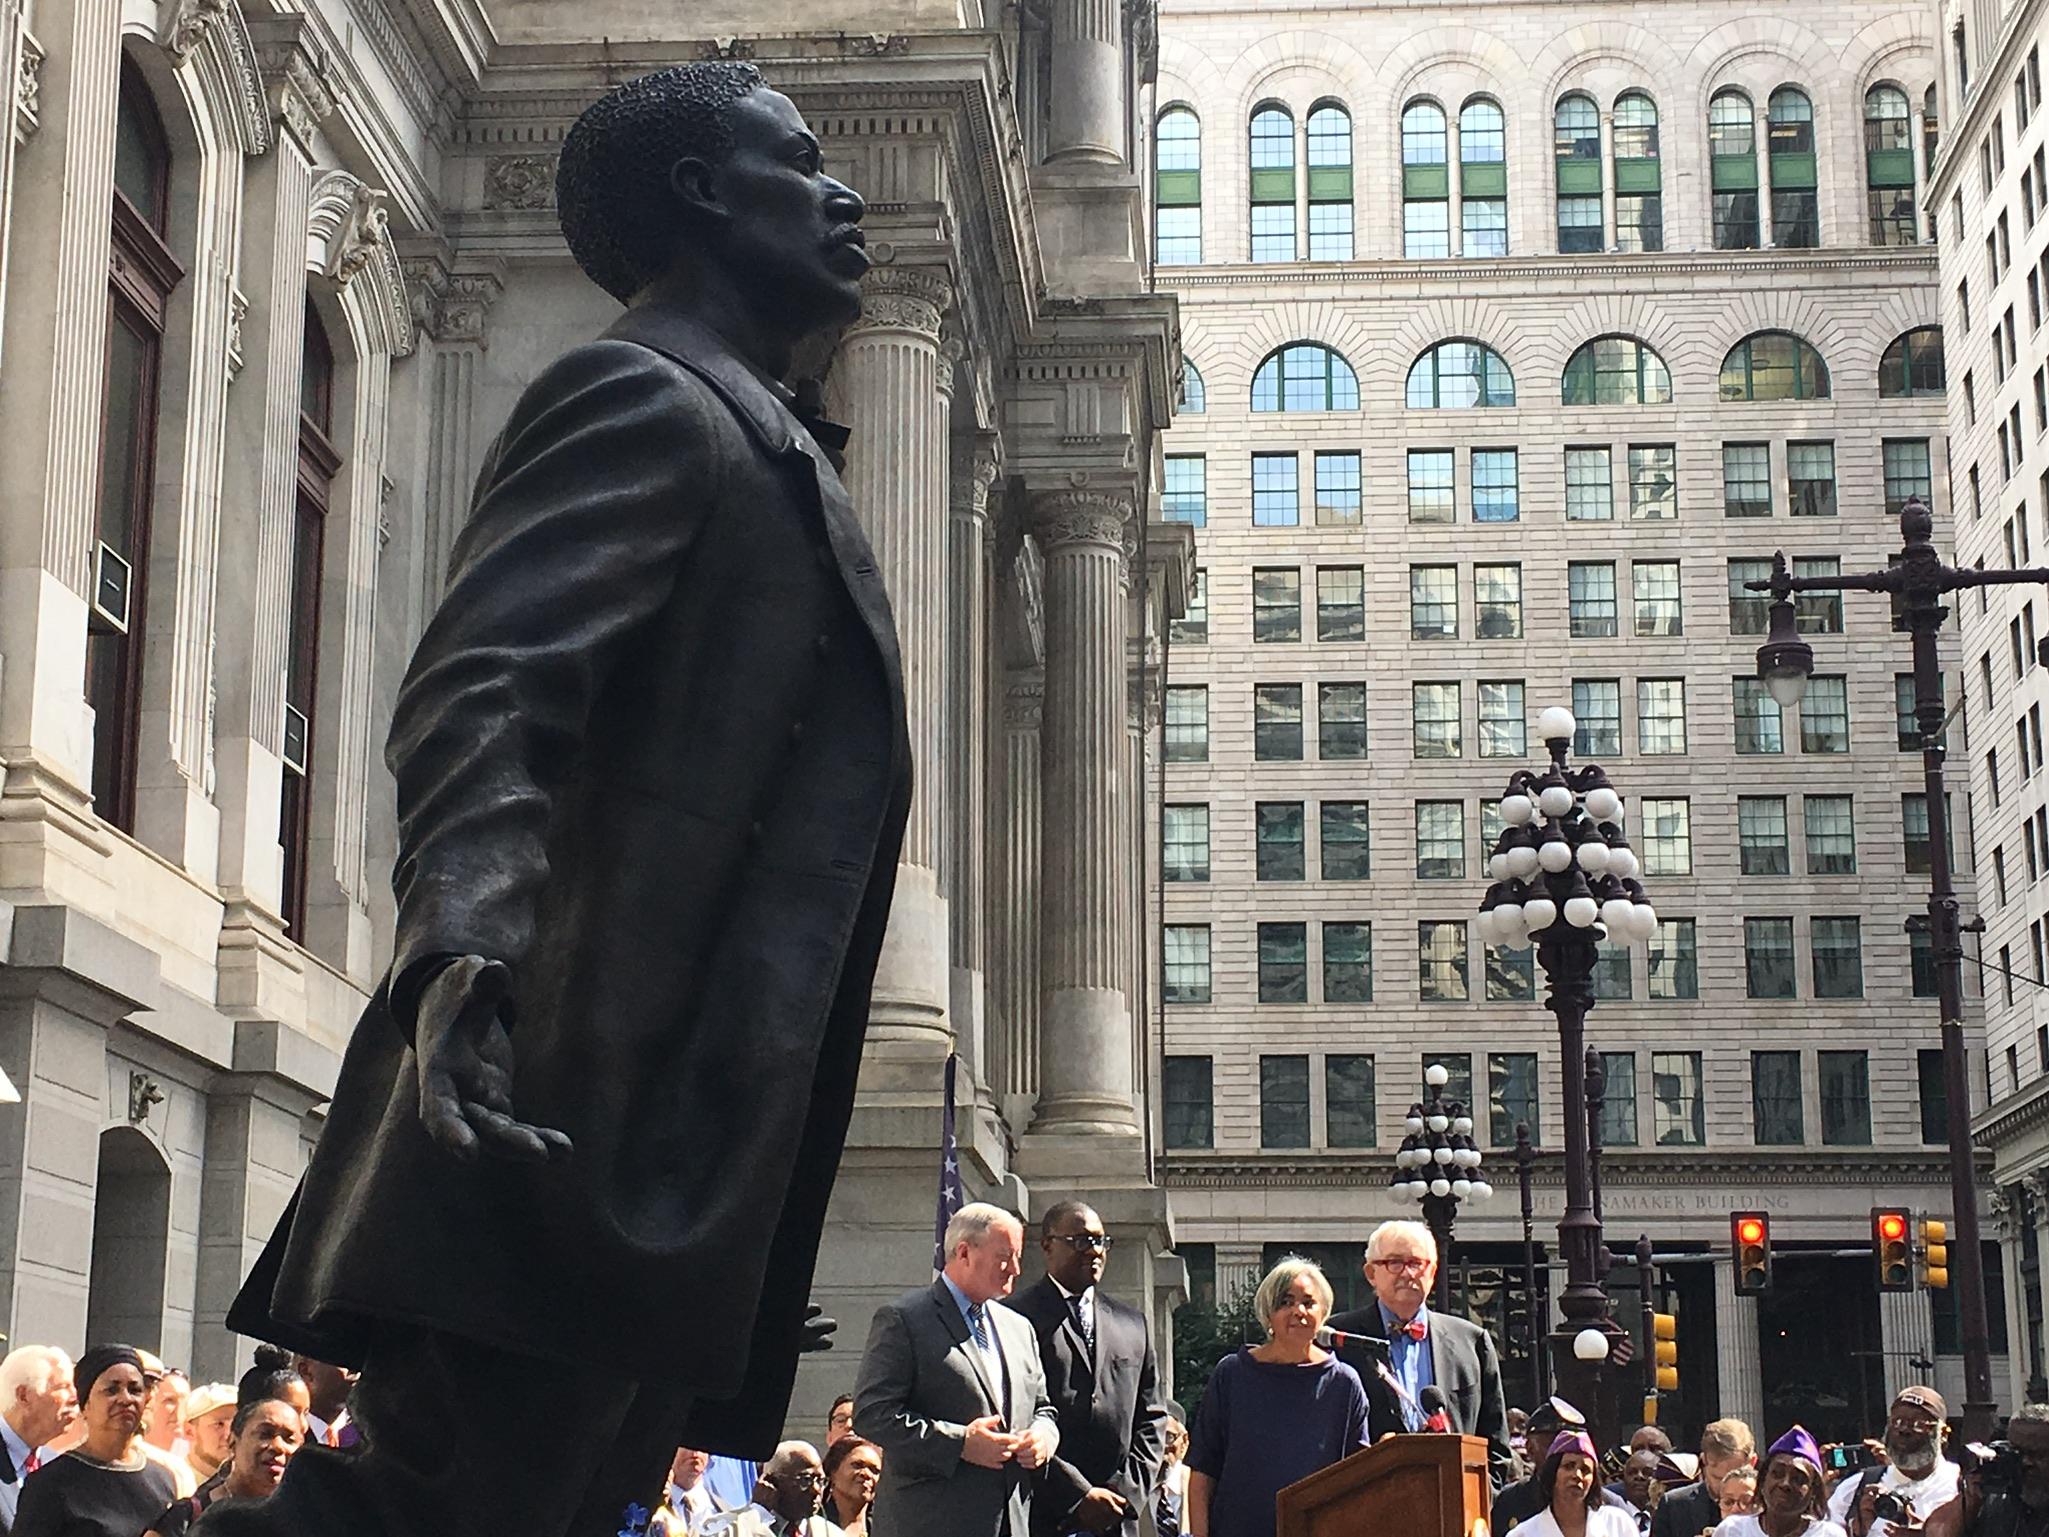 Artblog Memorial To Octavius V Catto At City Hall